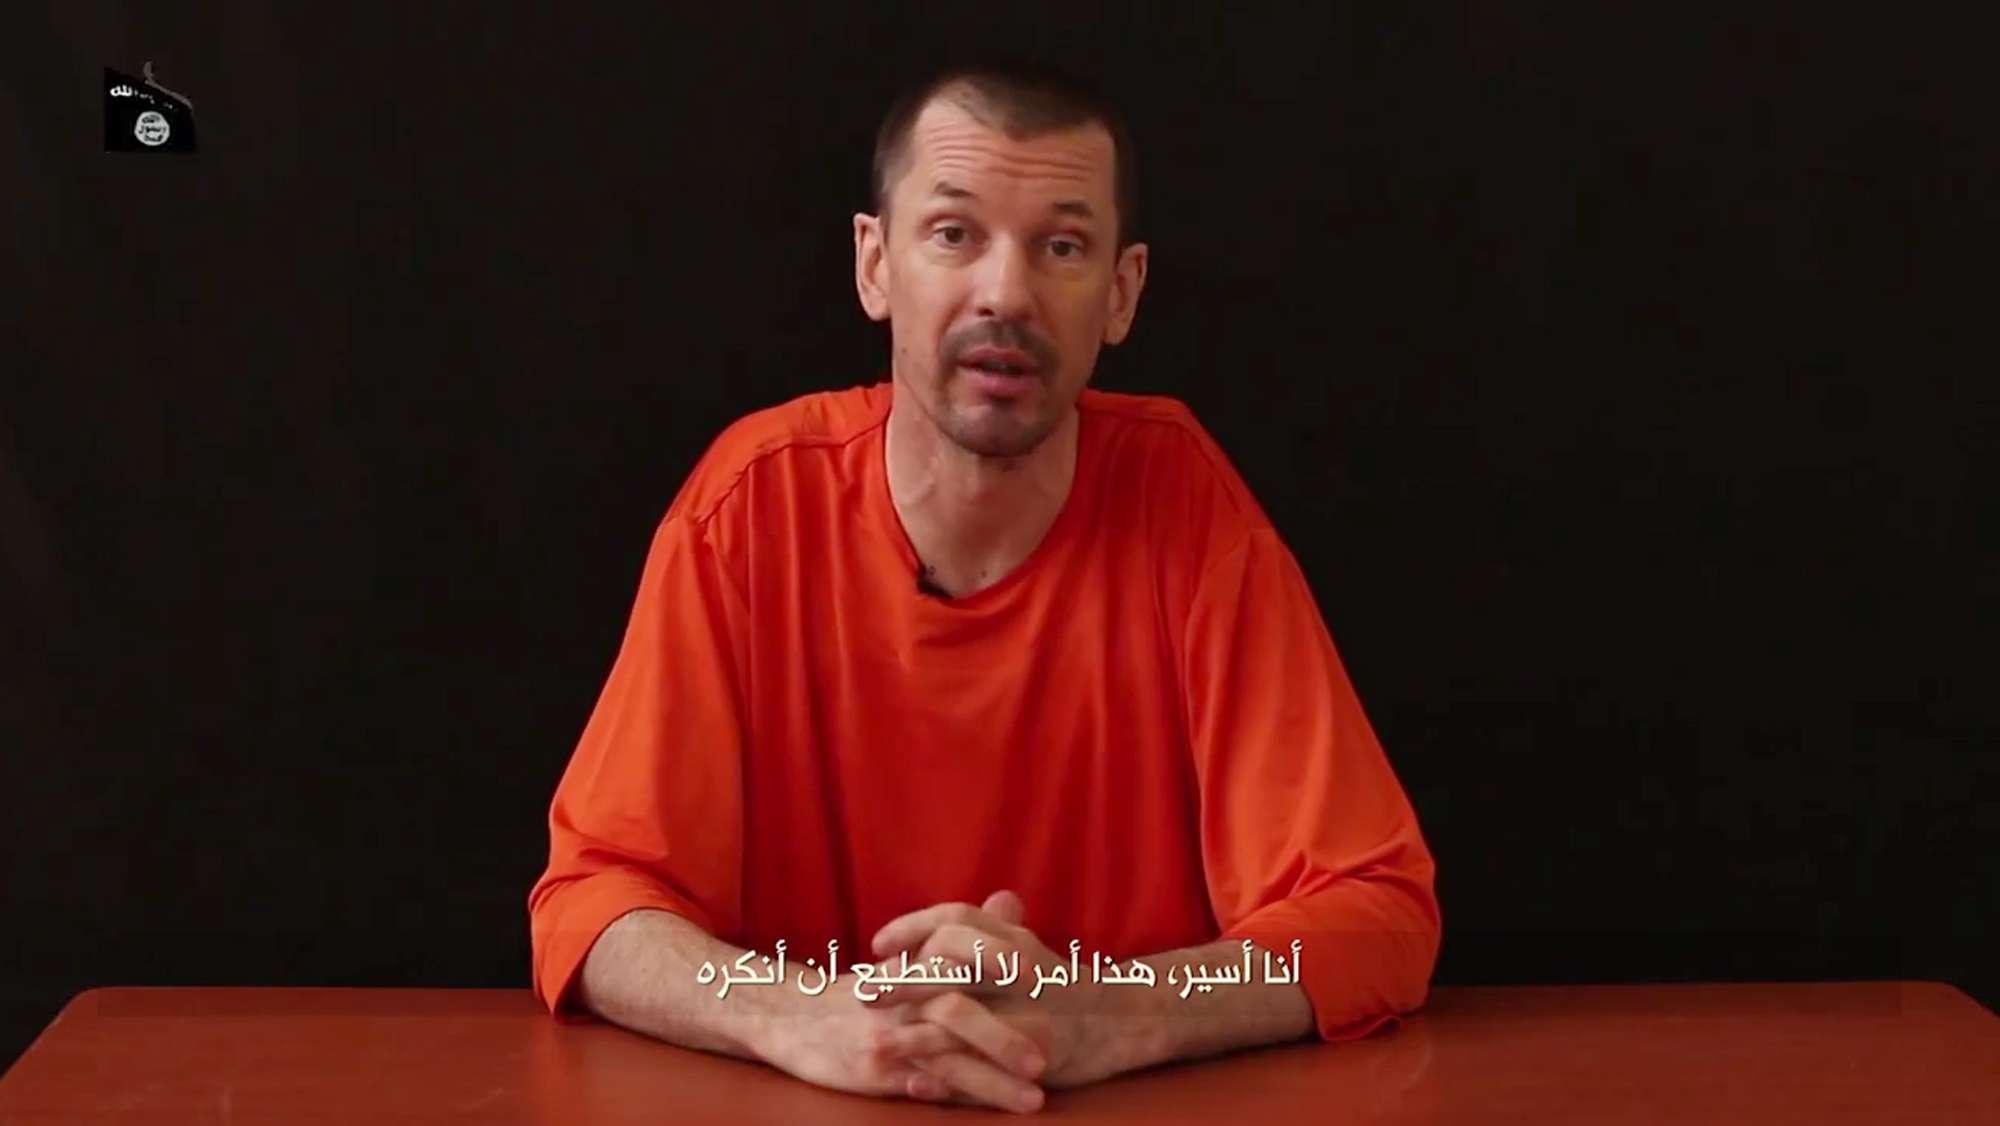 El británico John Cantlie se encuentra en manos del Estado Islámico. Foto: AP en español